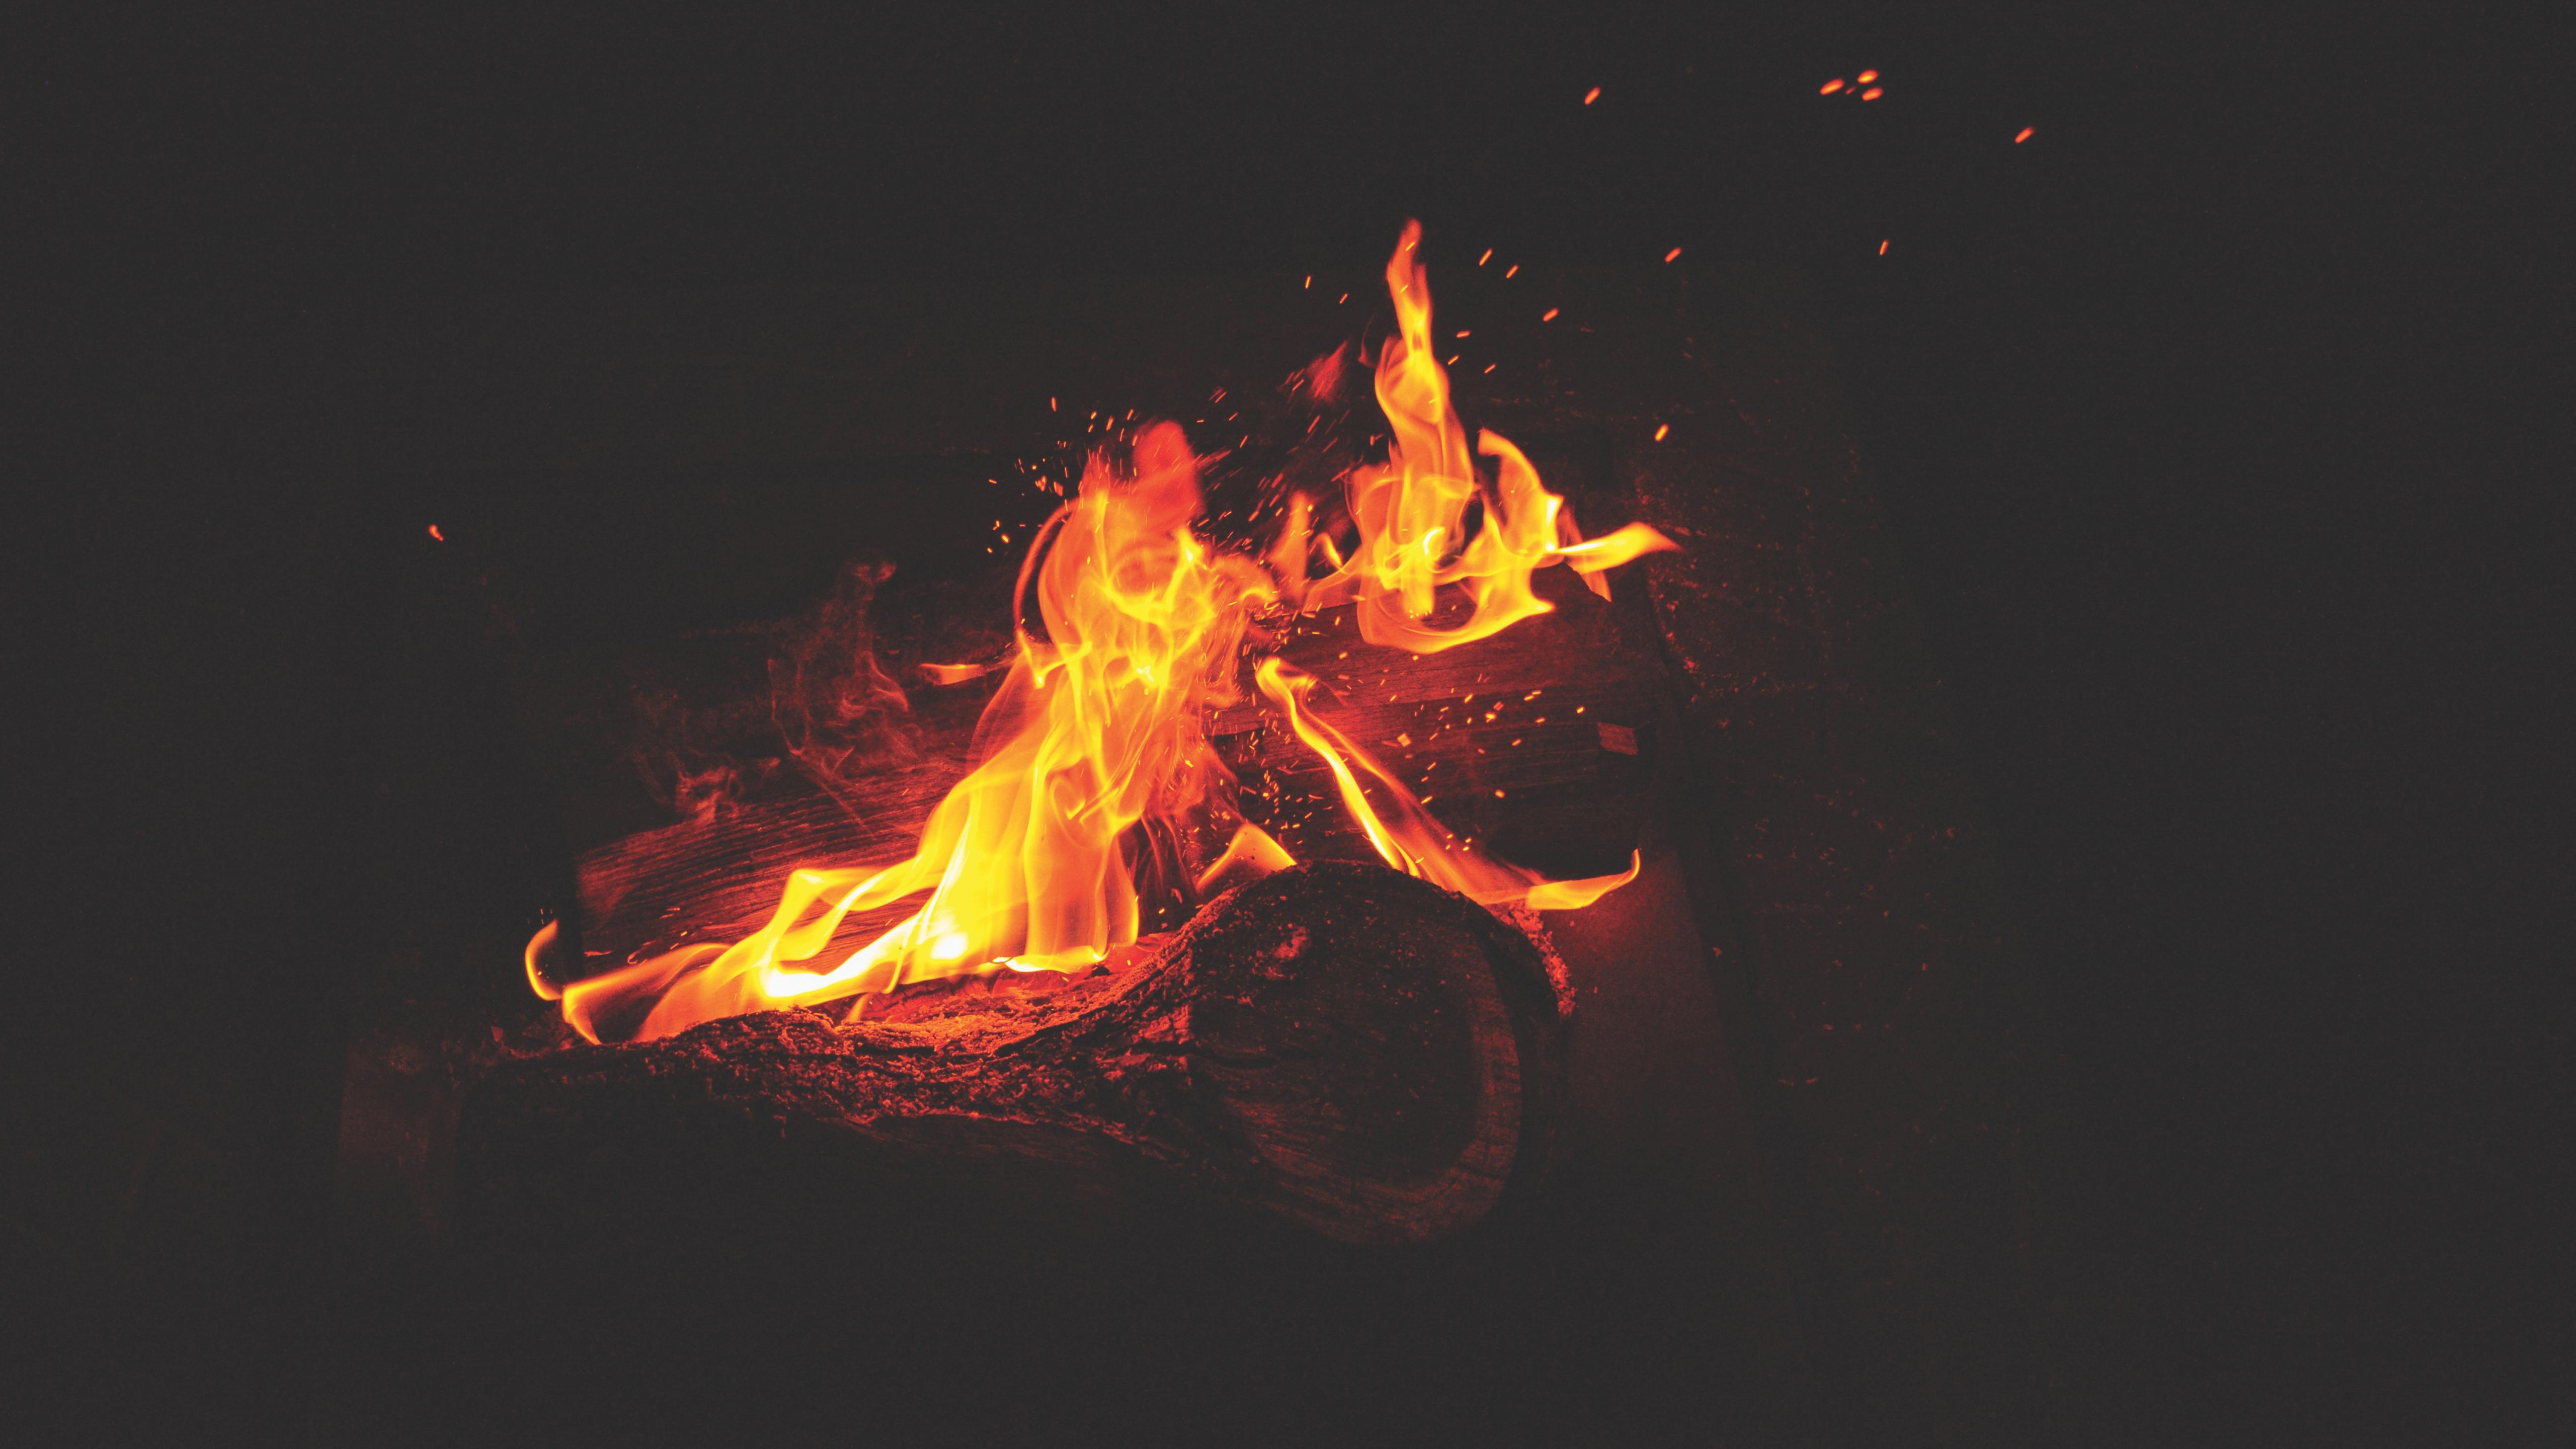 Dark Souls Bonfire Wallpaper 1920x1080 - Wallpaper Free